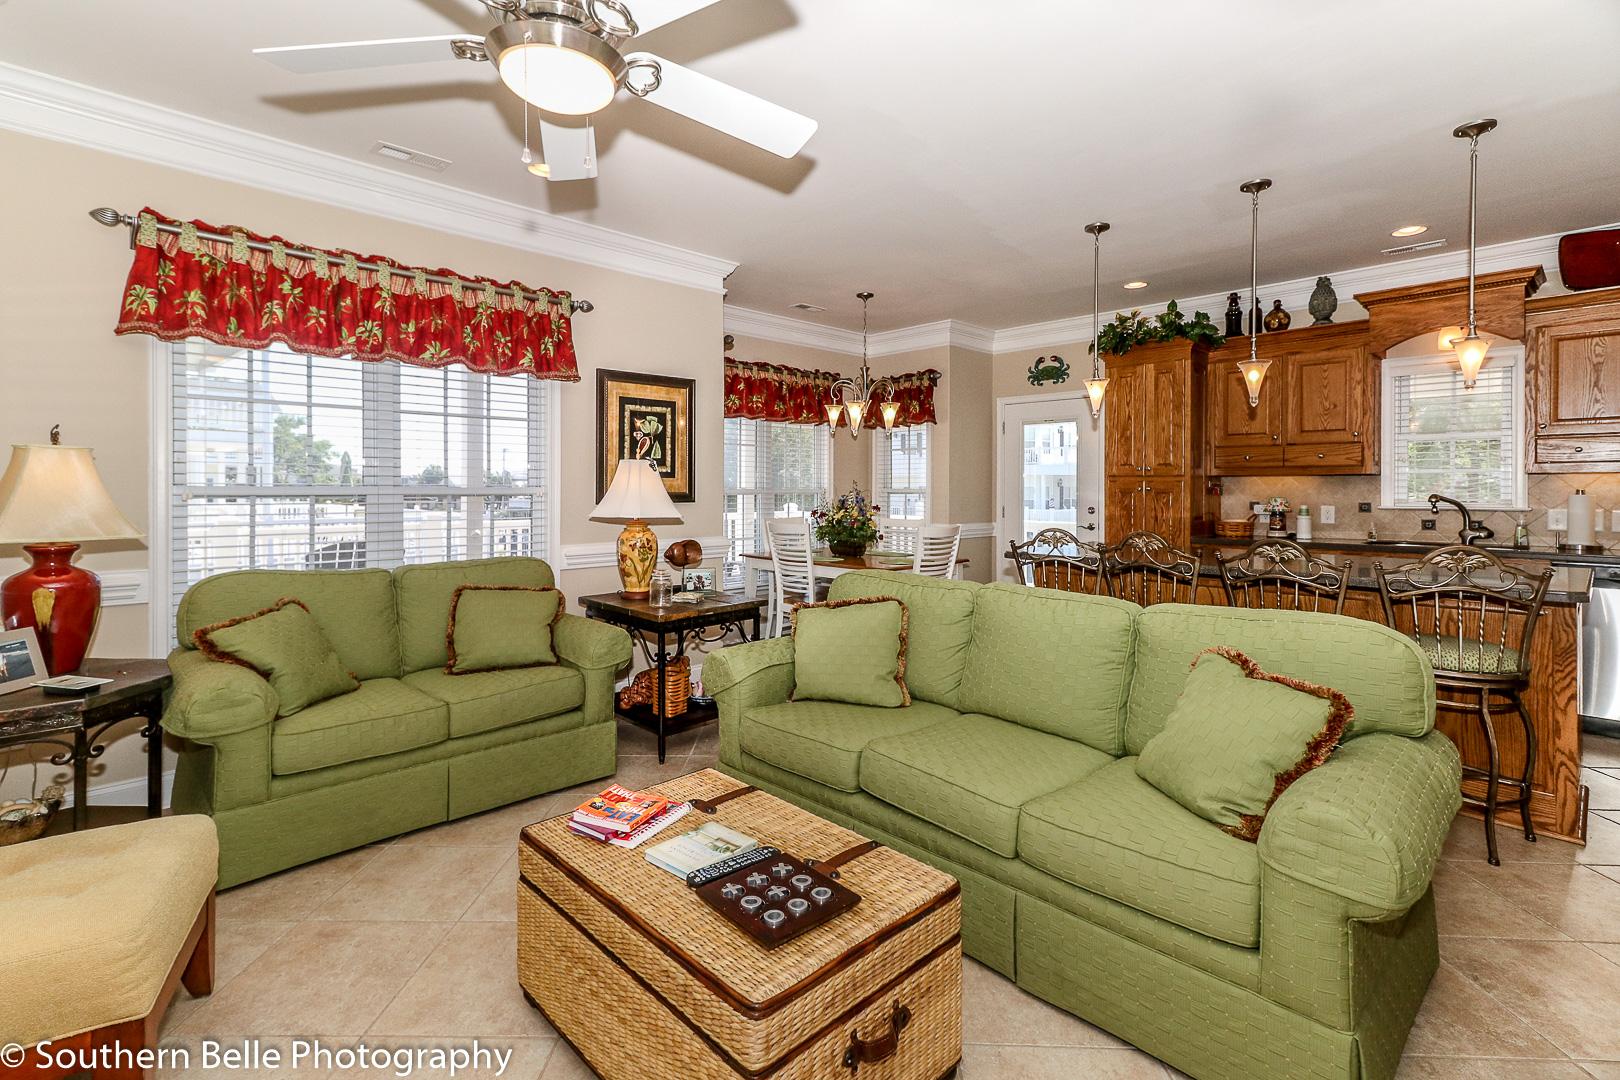 9. Living Room View WM